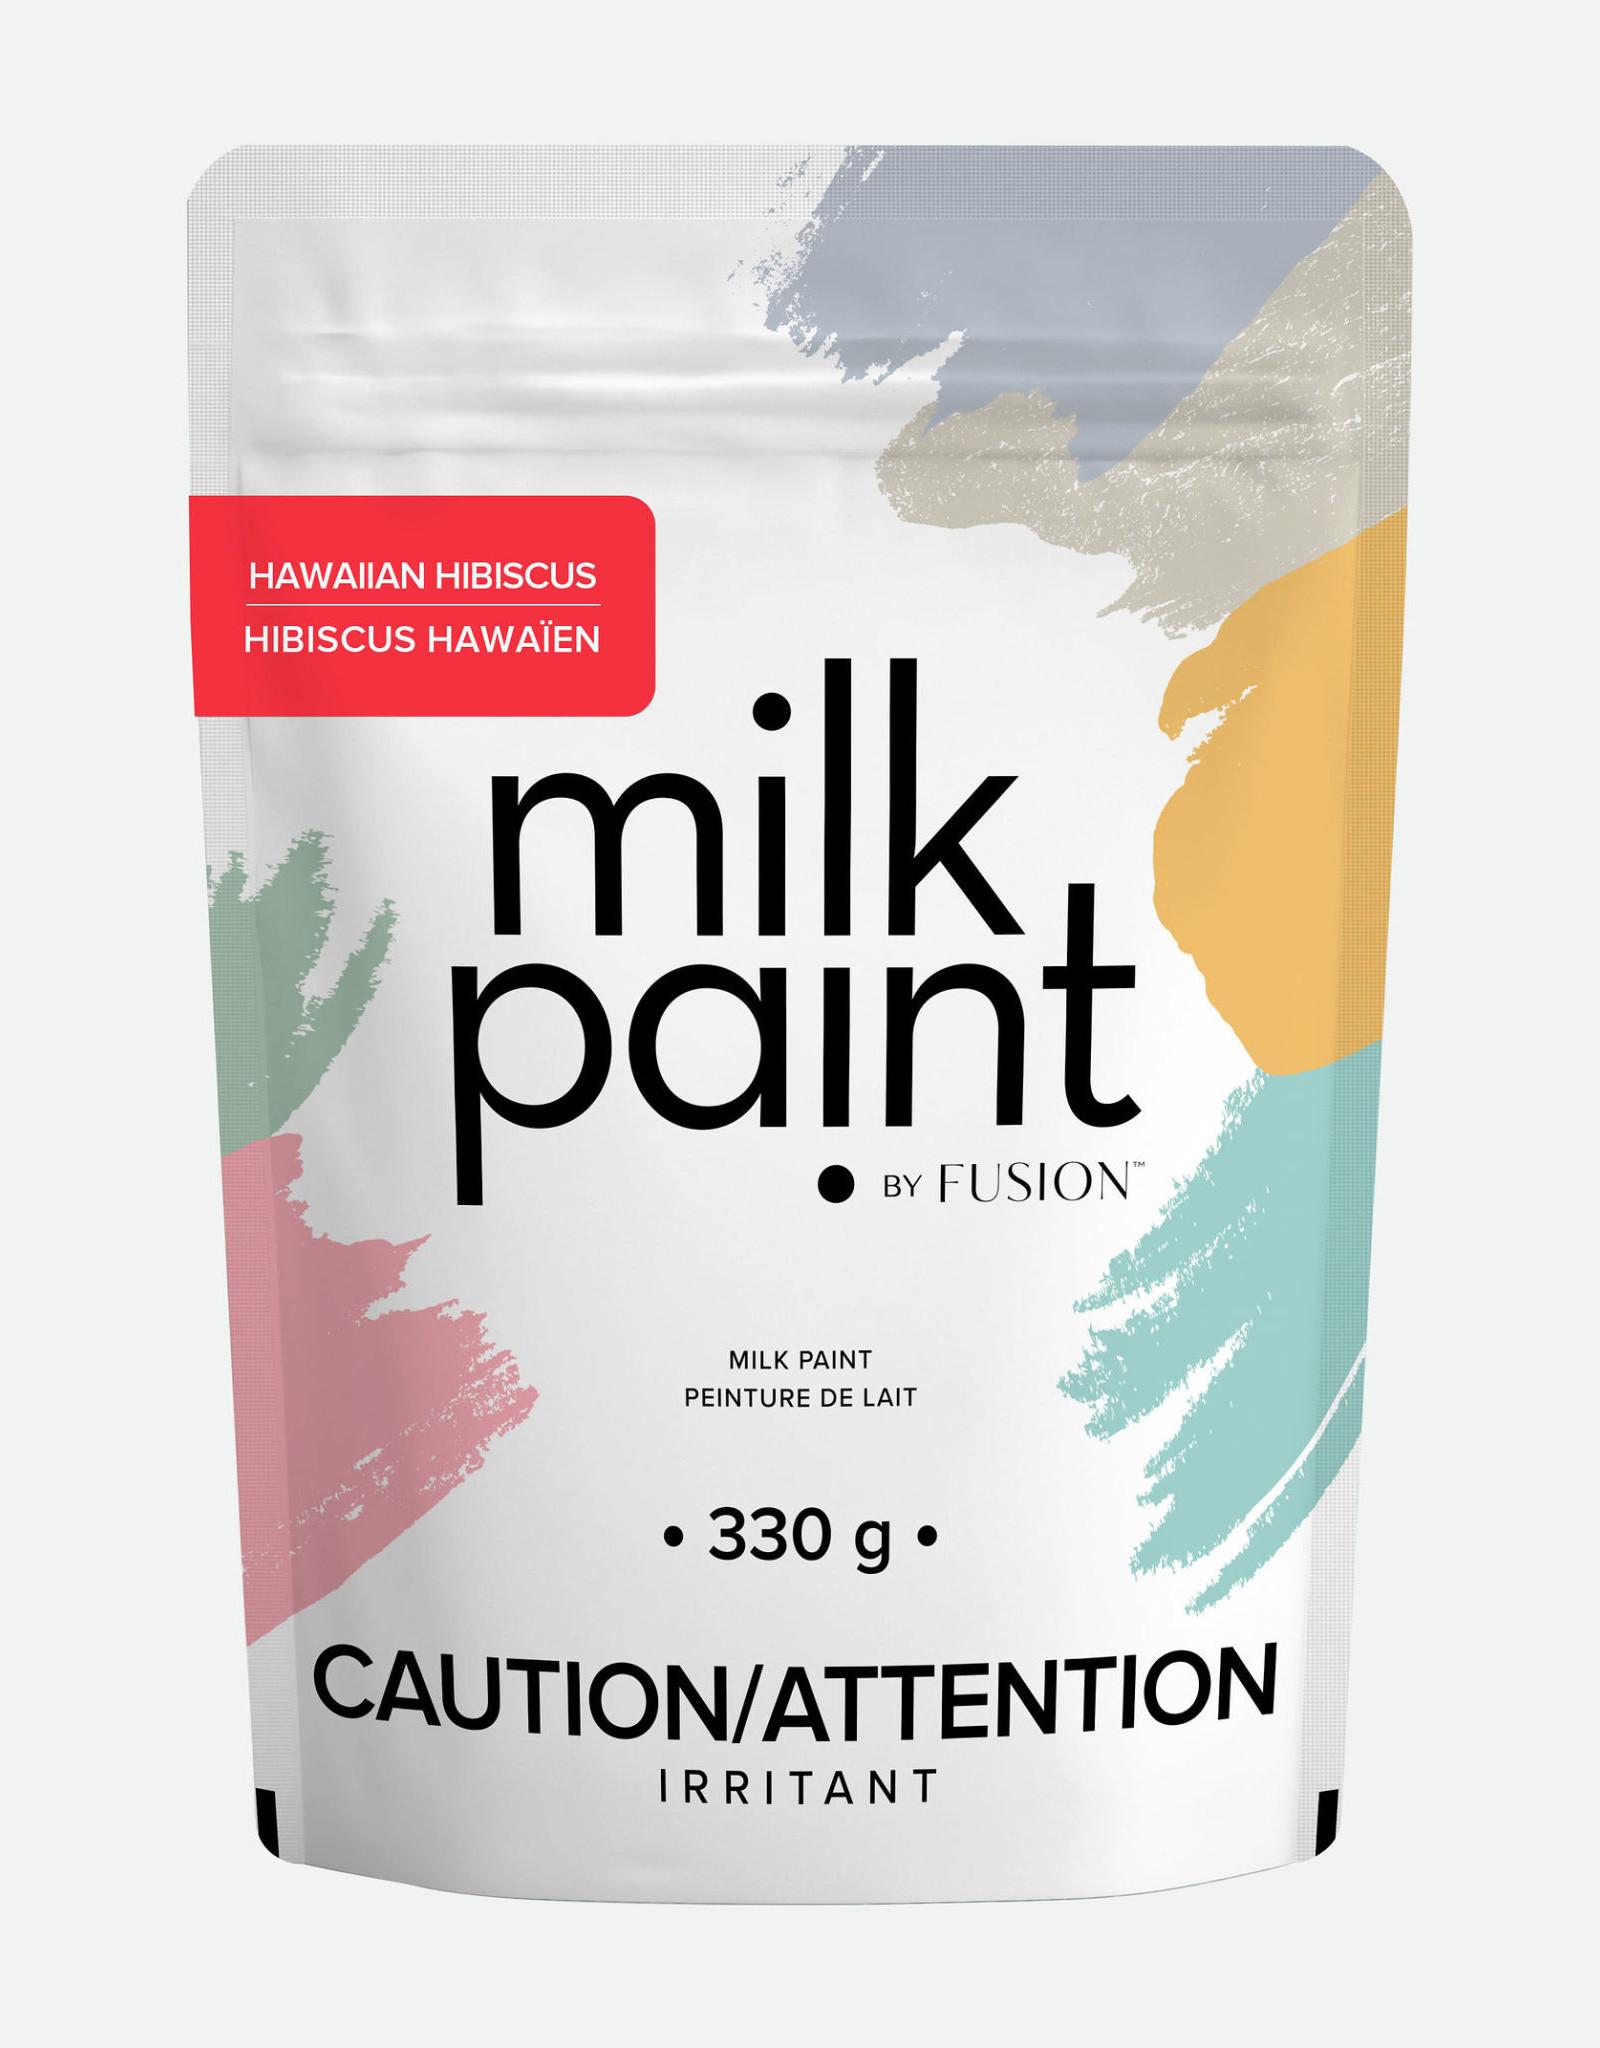 Fusion Mineral Paint Milk Paint 330g Hawaiian Hibiscus